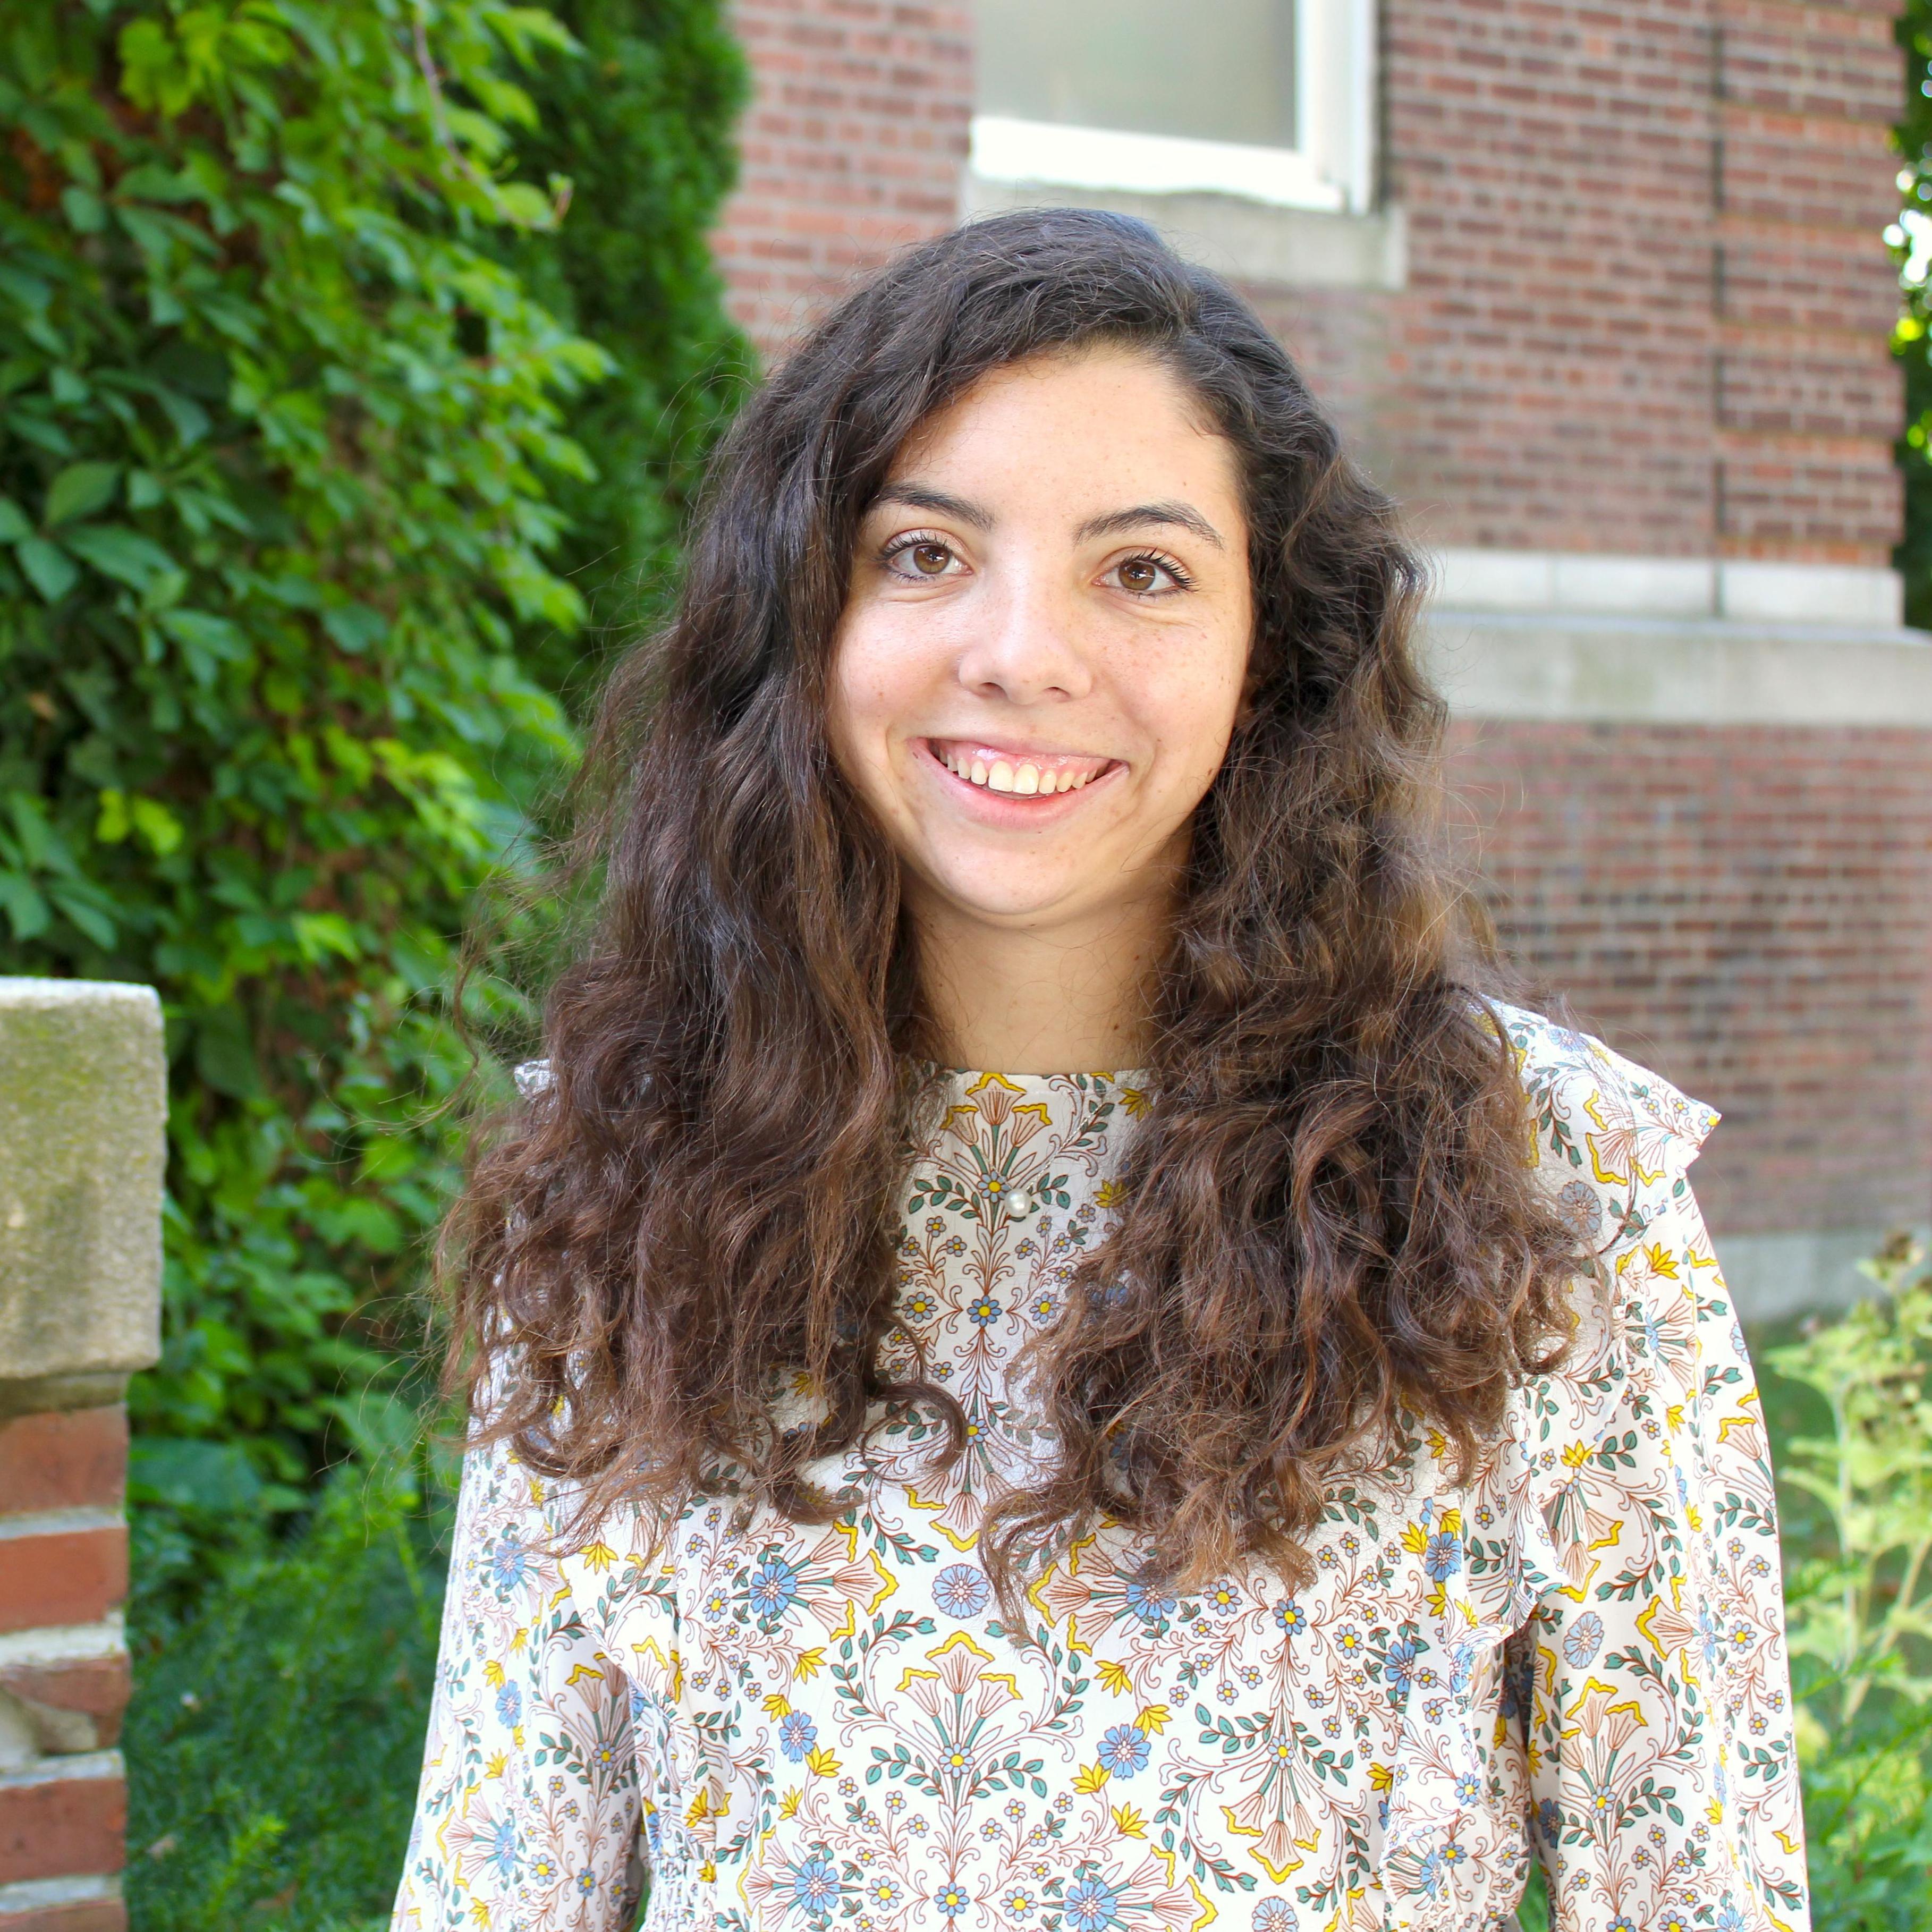 Gabriella Uribazo's Profile Photo